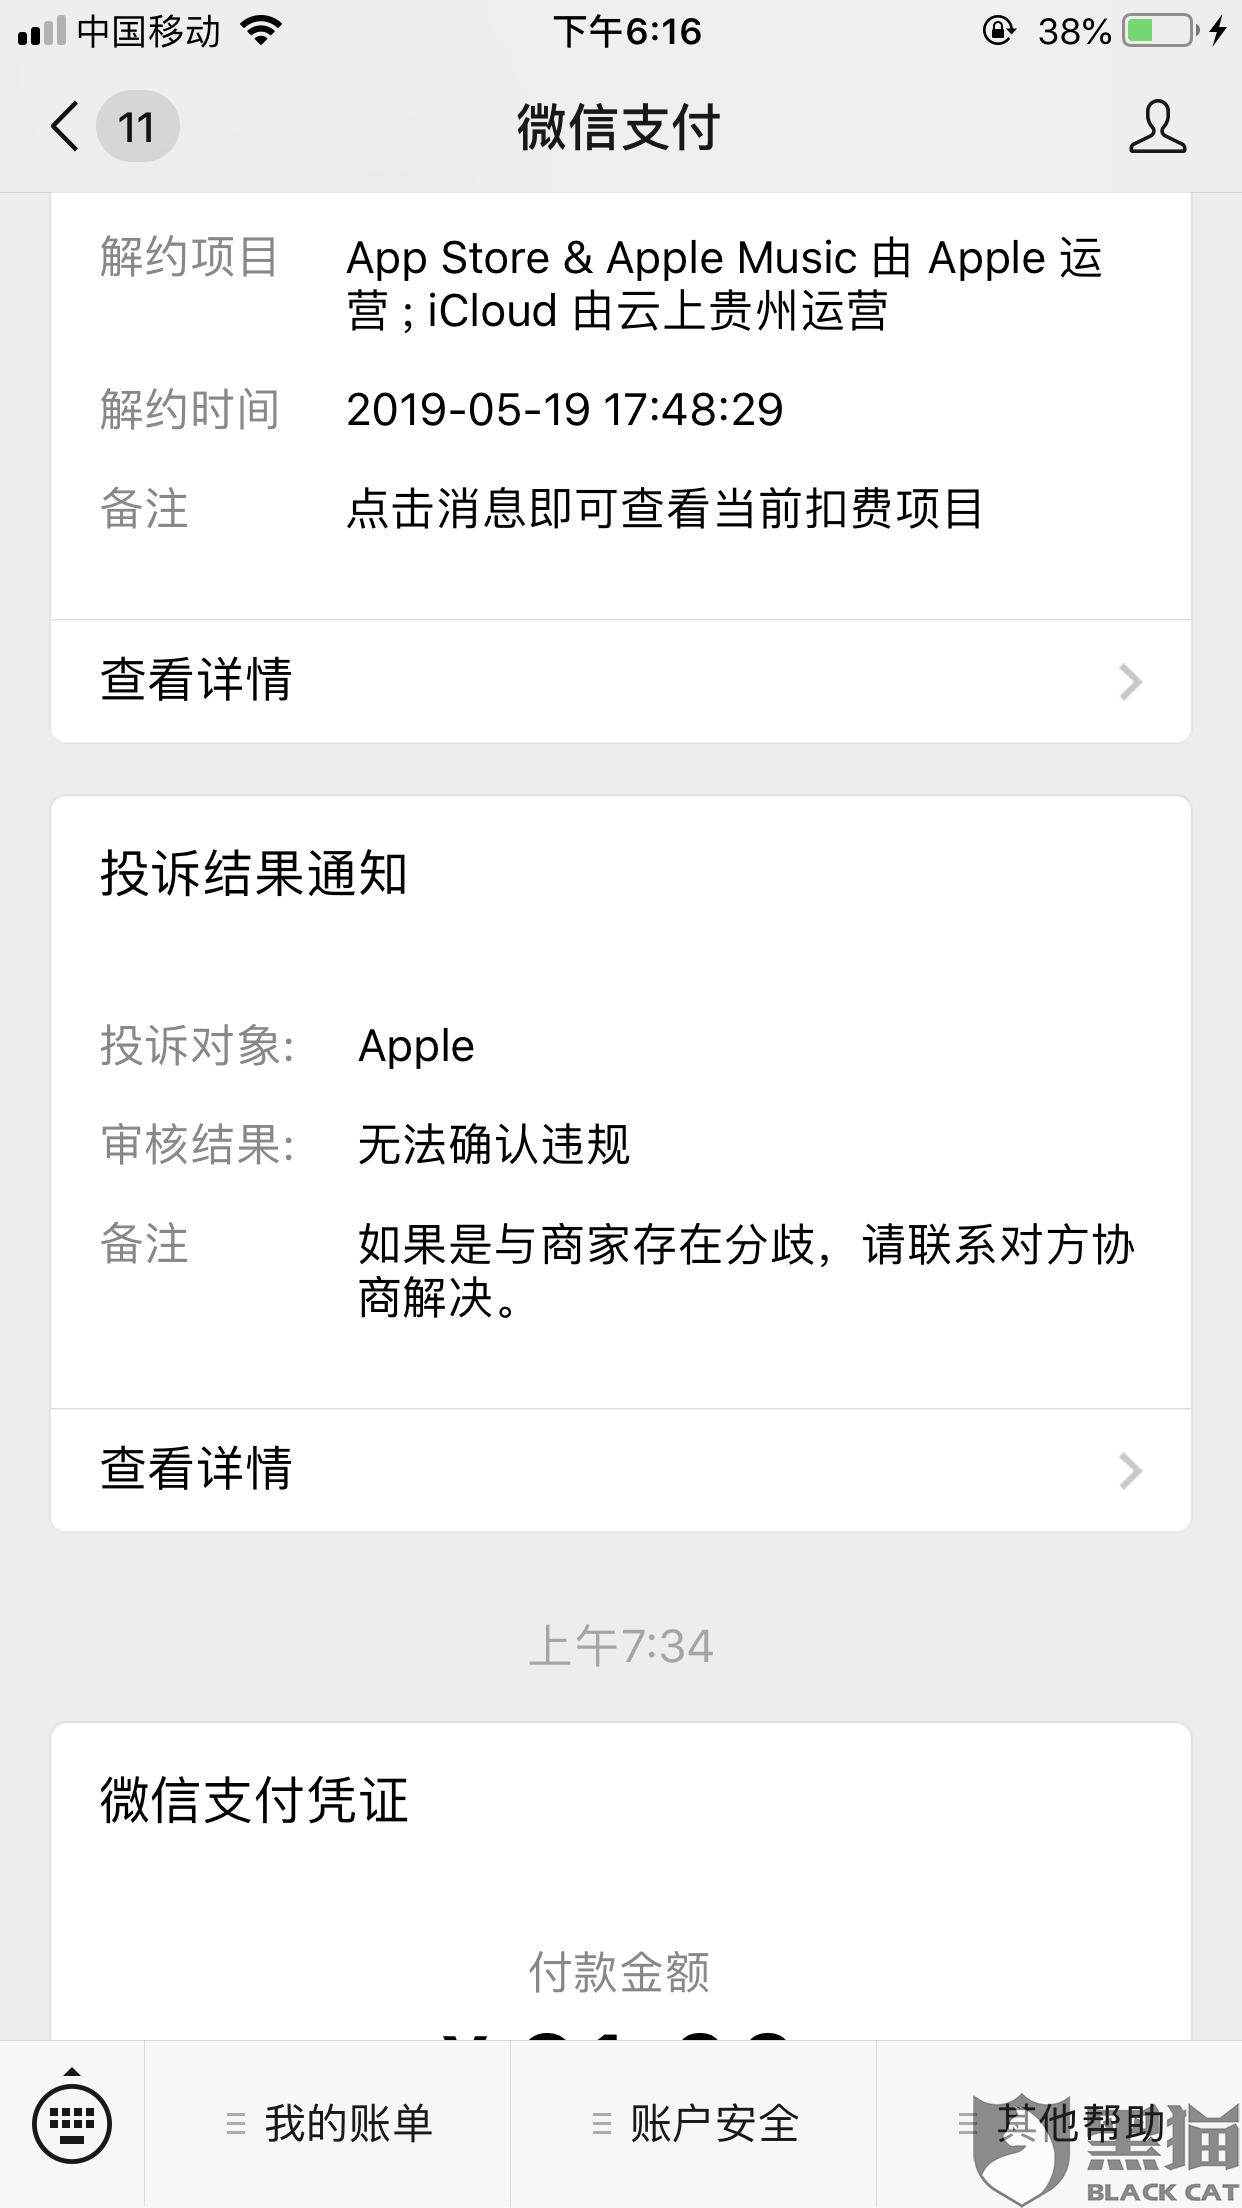 一键重装xp系统,黑猫投诉:要求苹果官方和美易app在未经允许的情况下扣除的253元